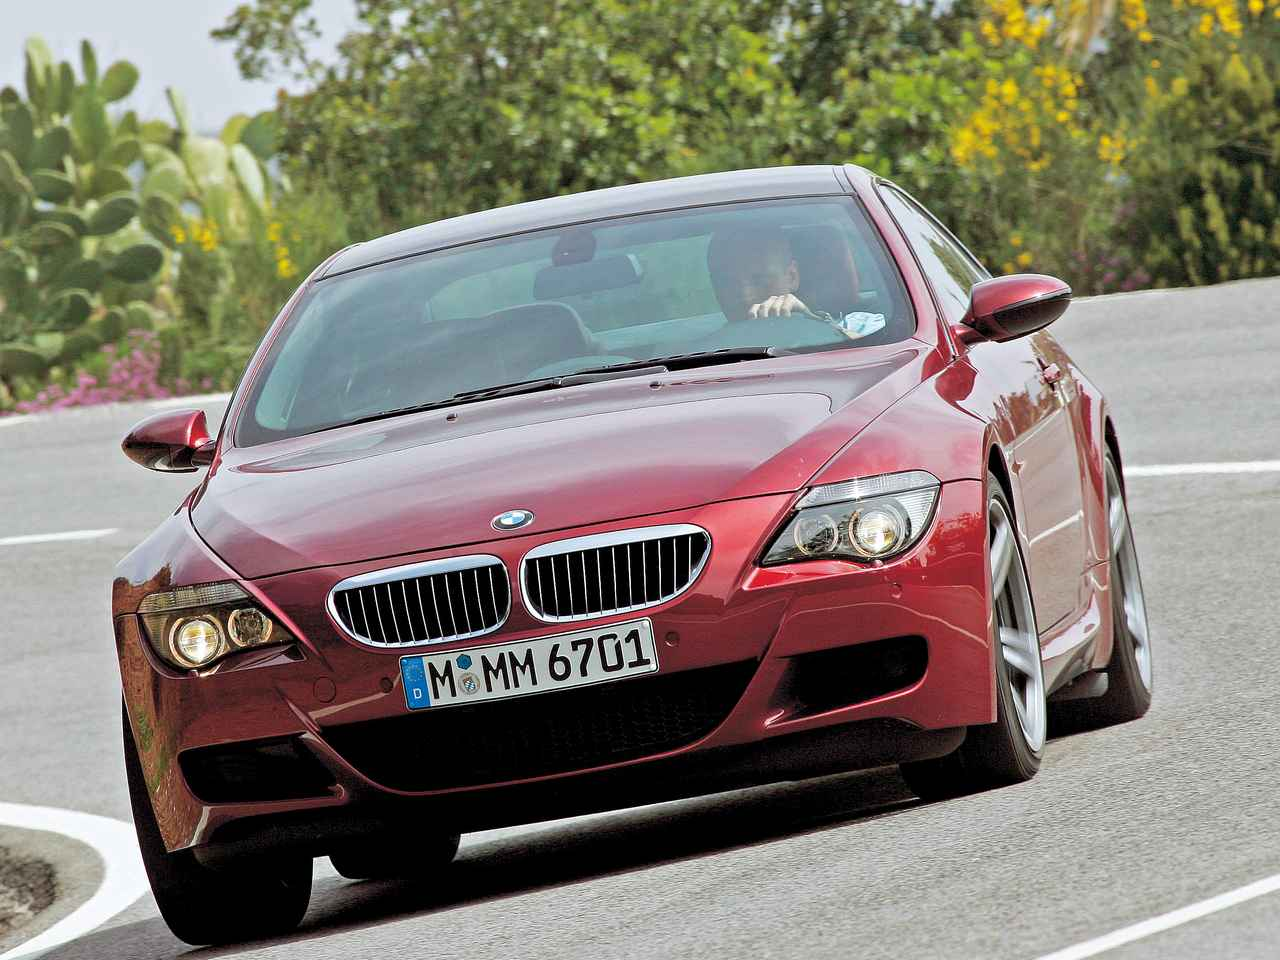 【ヒットの法則32】BMW M6クーペはM社の技術を結集して開発されたレース用ベース車両だった